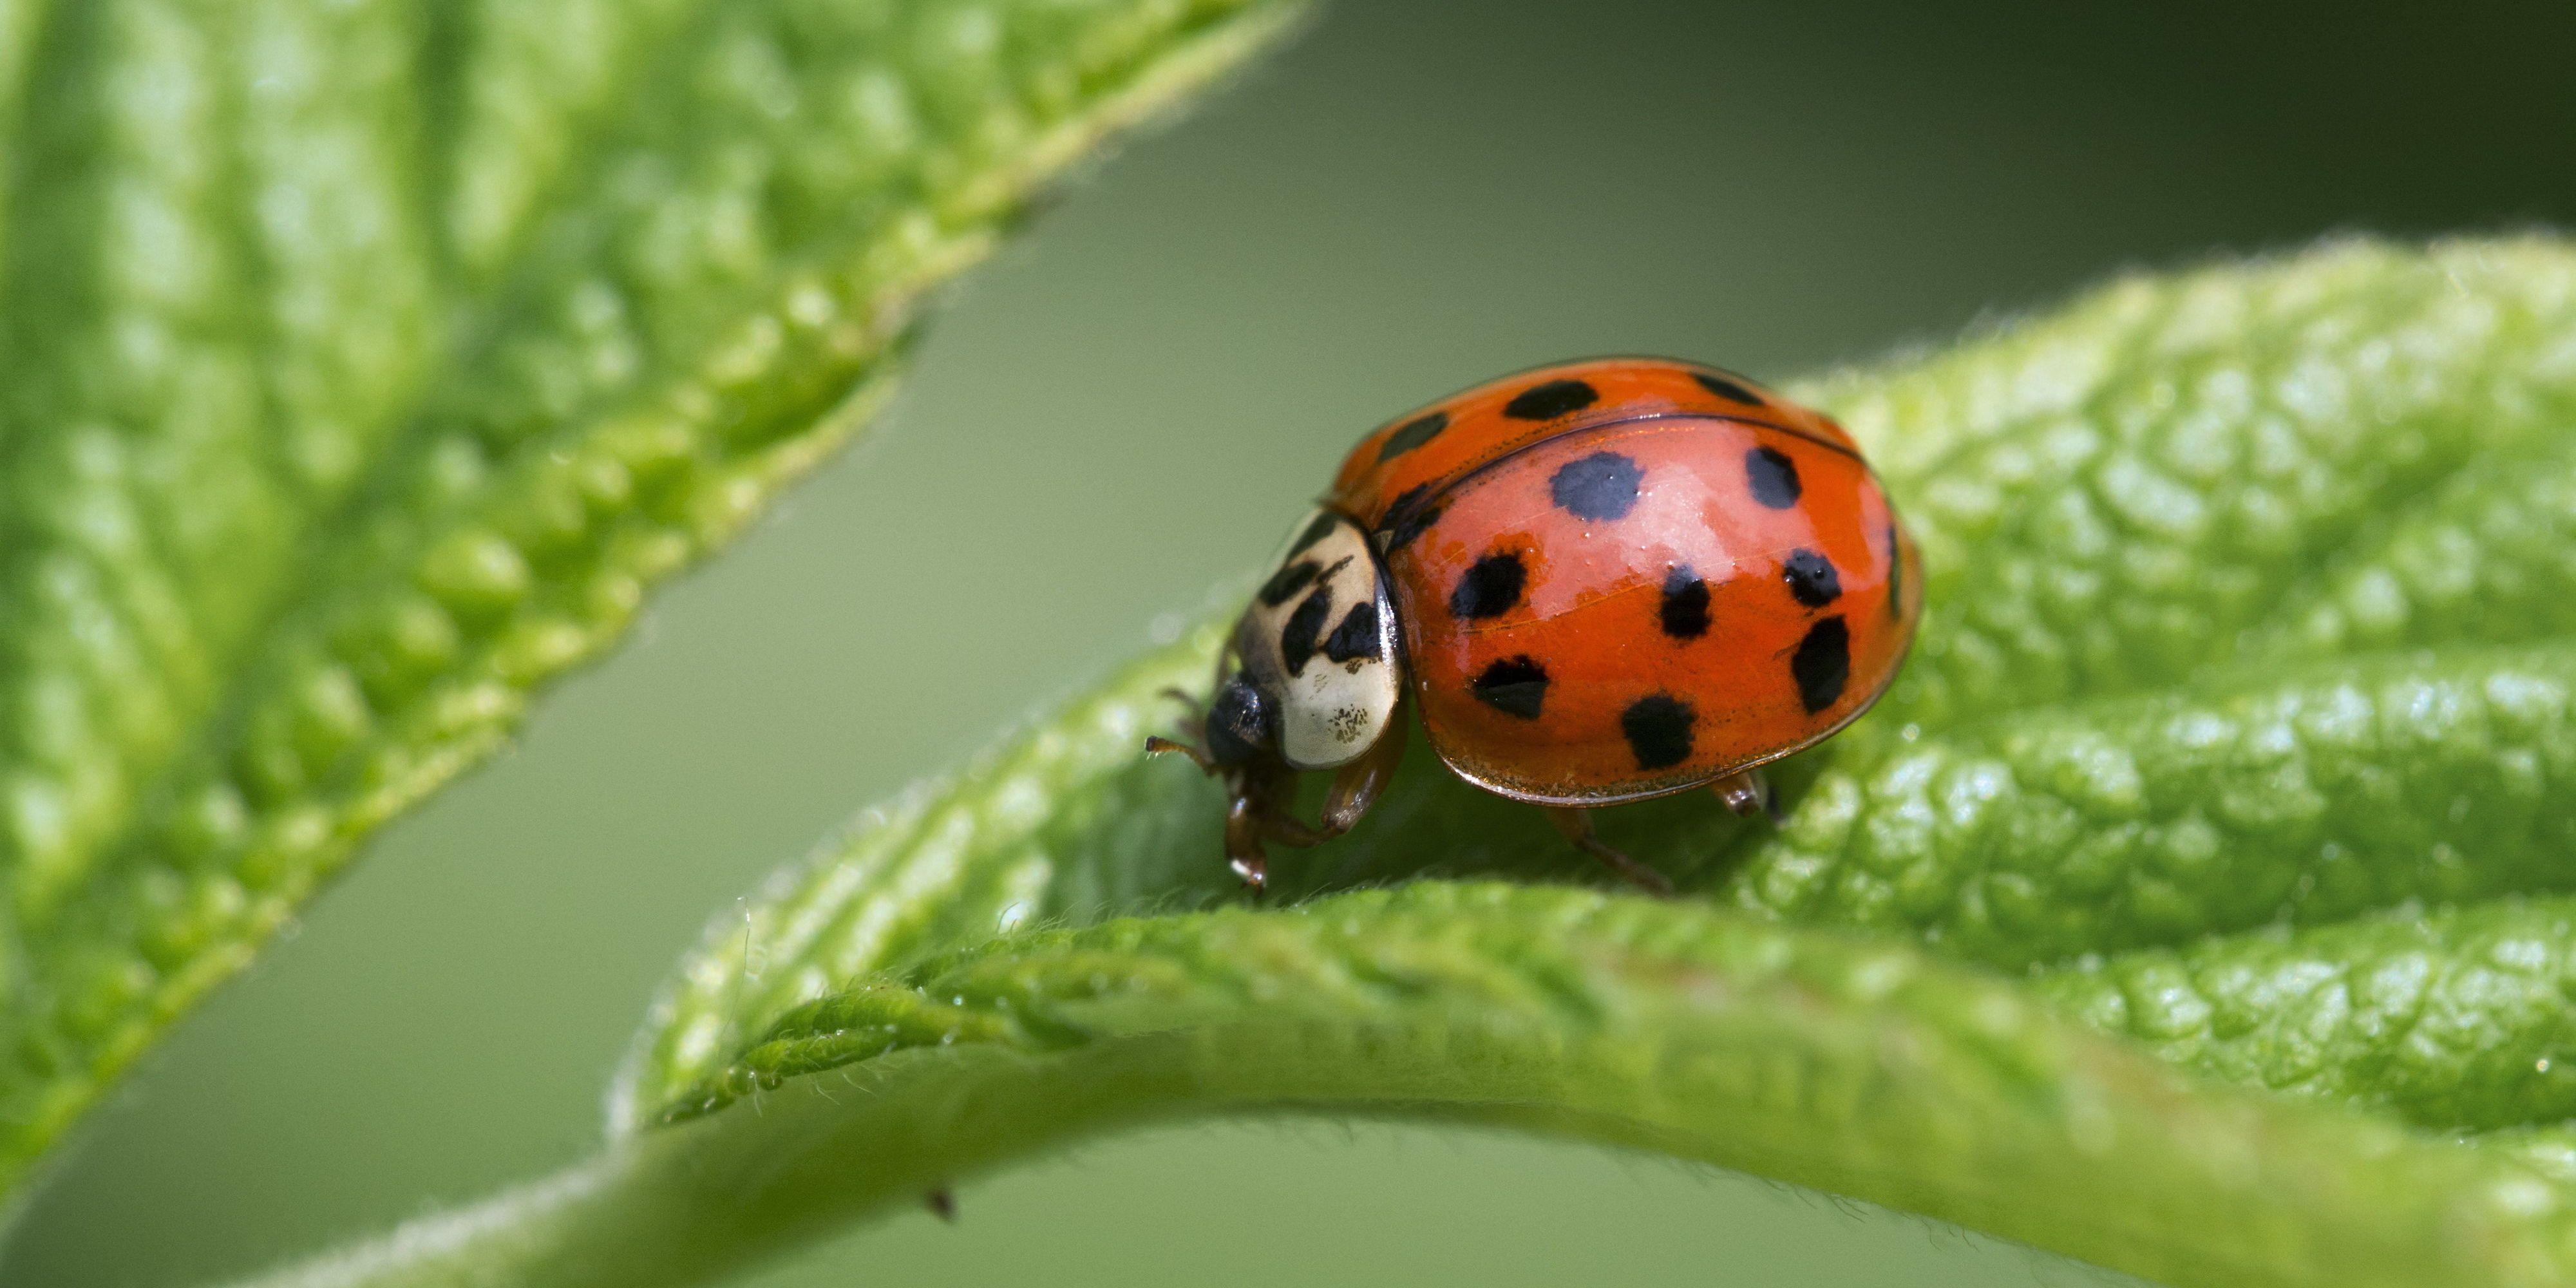 Asian bug get lady rid